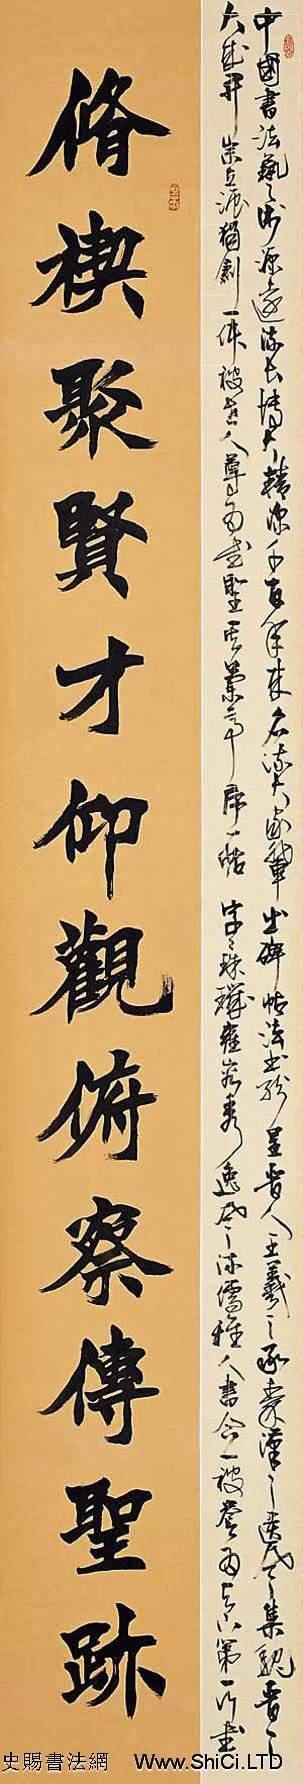 山東李巖選毛筆書法作品欣賞